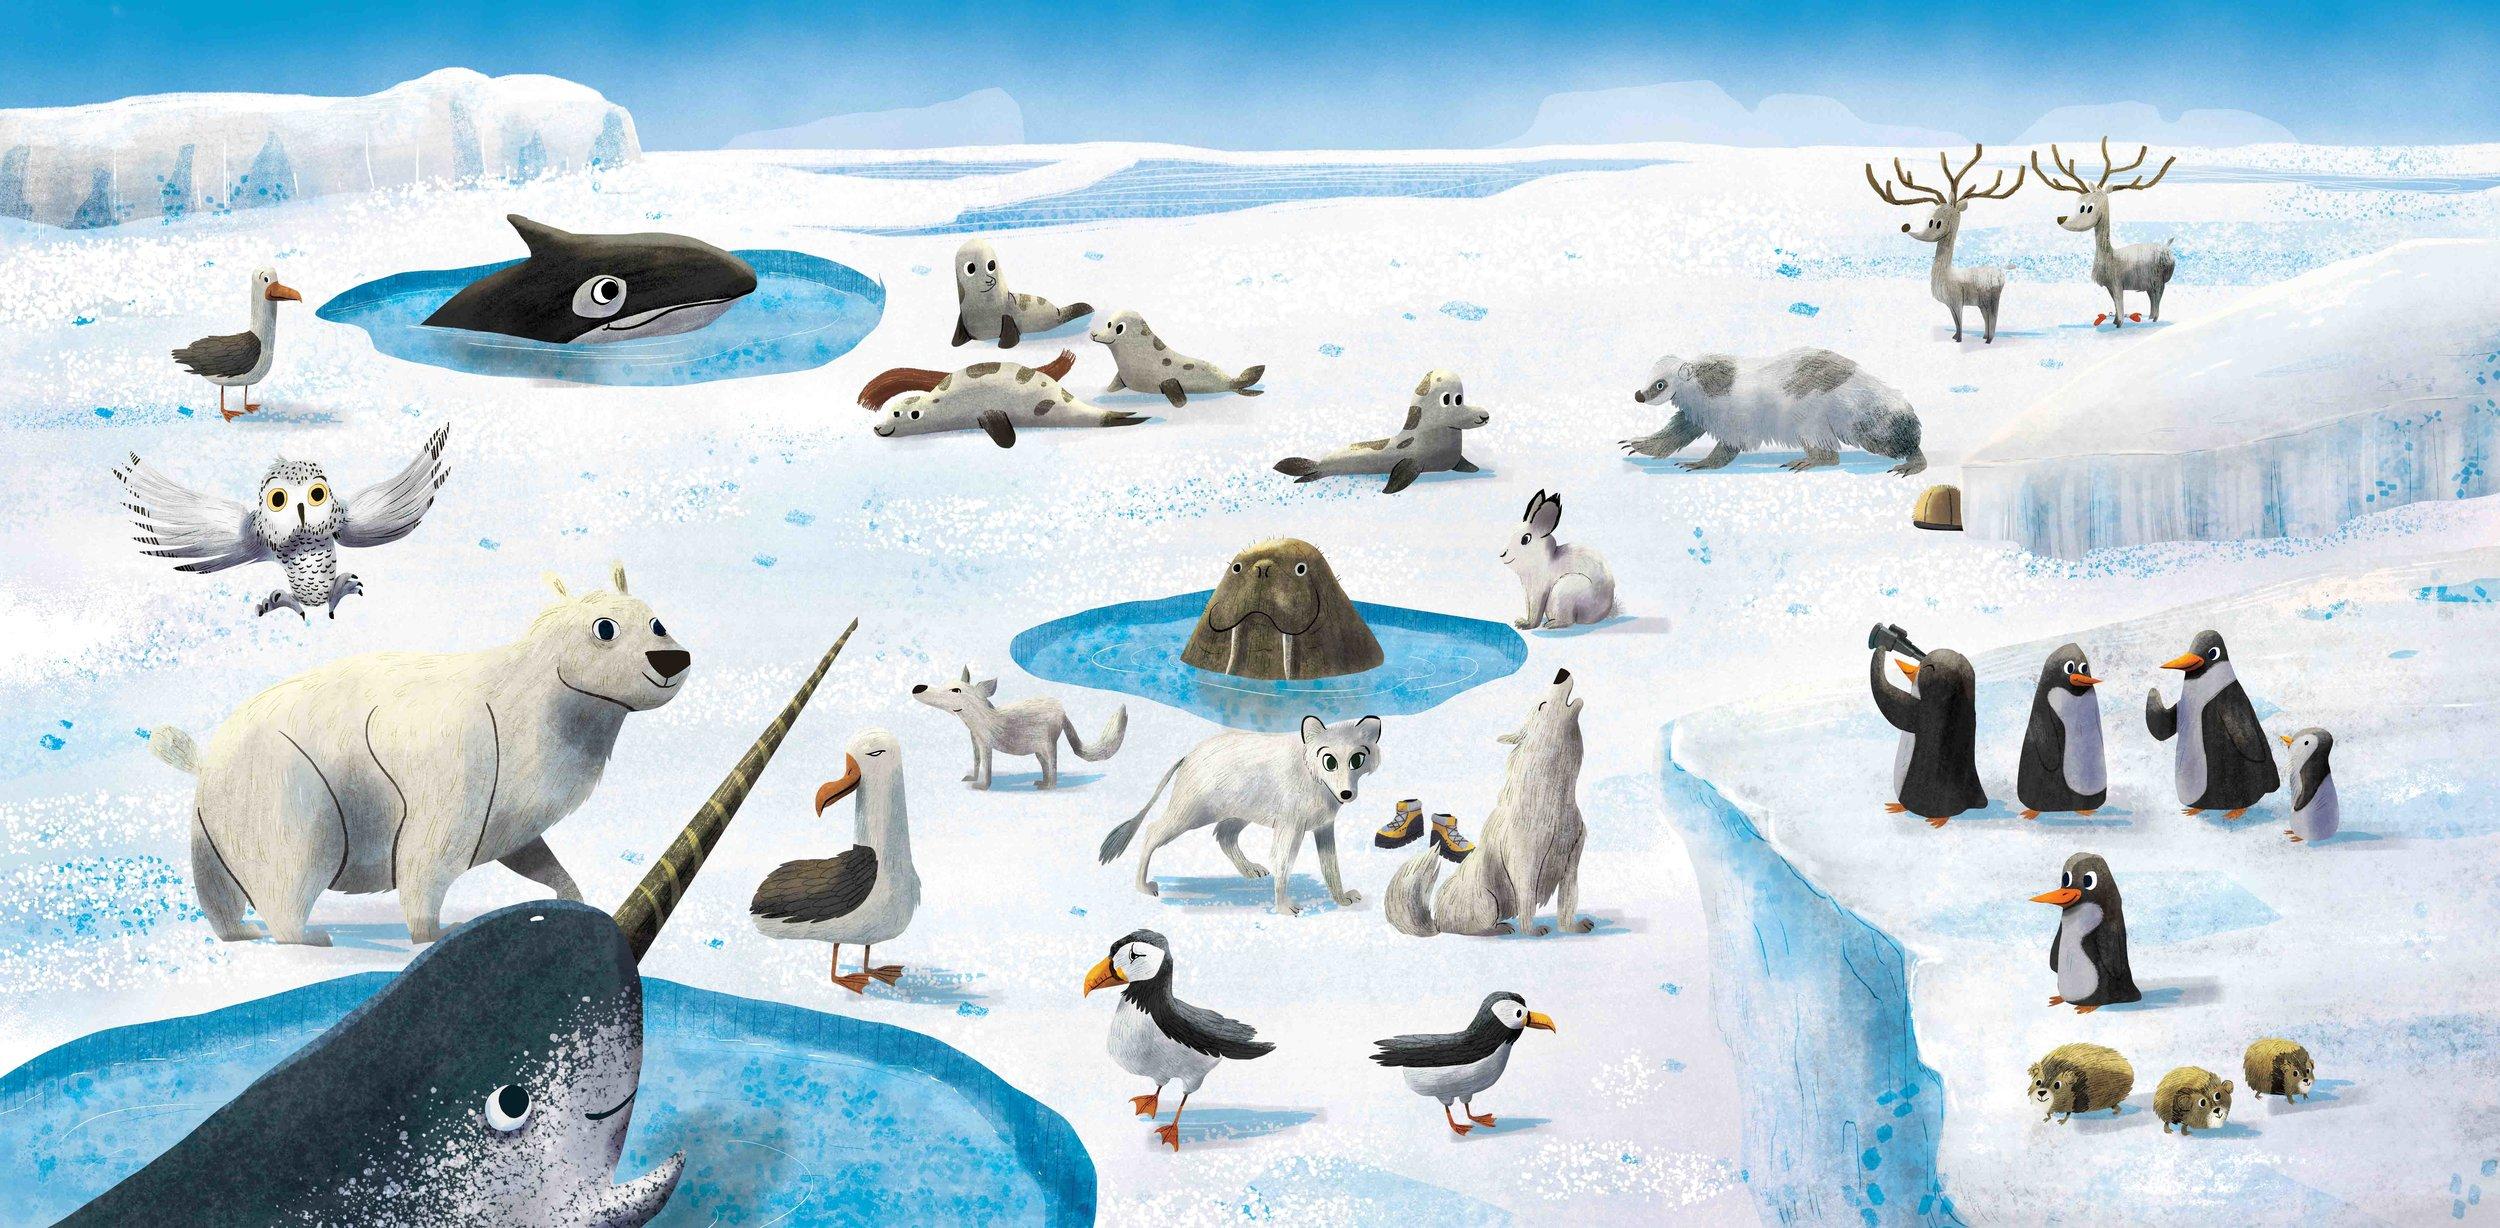 arctic gatefold spread.jpg